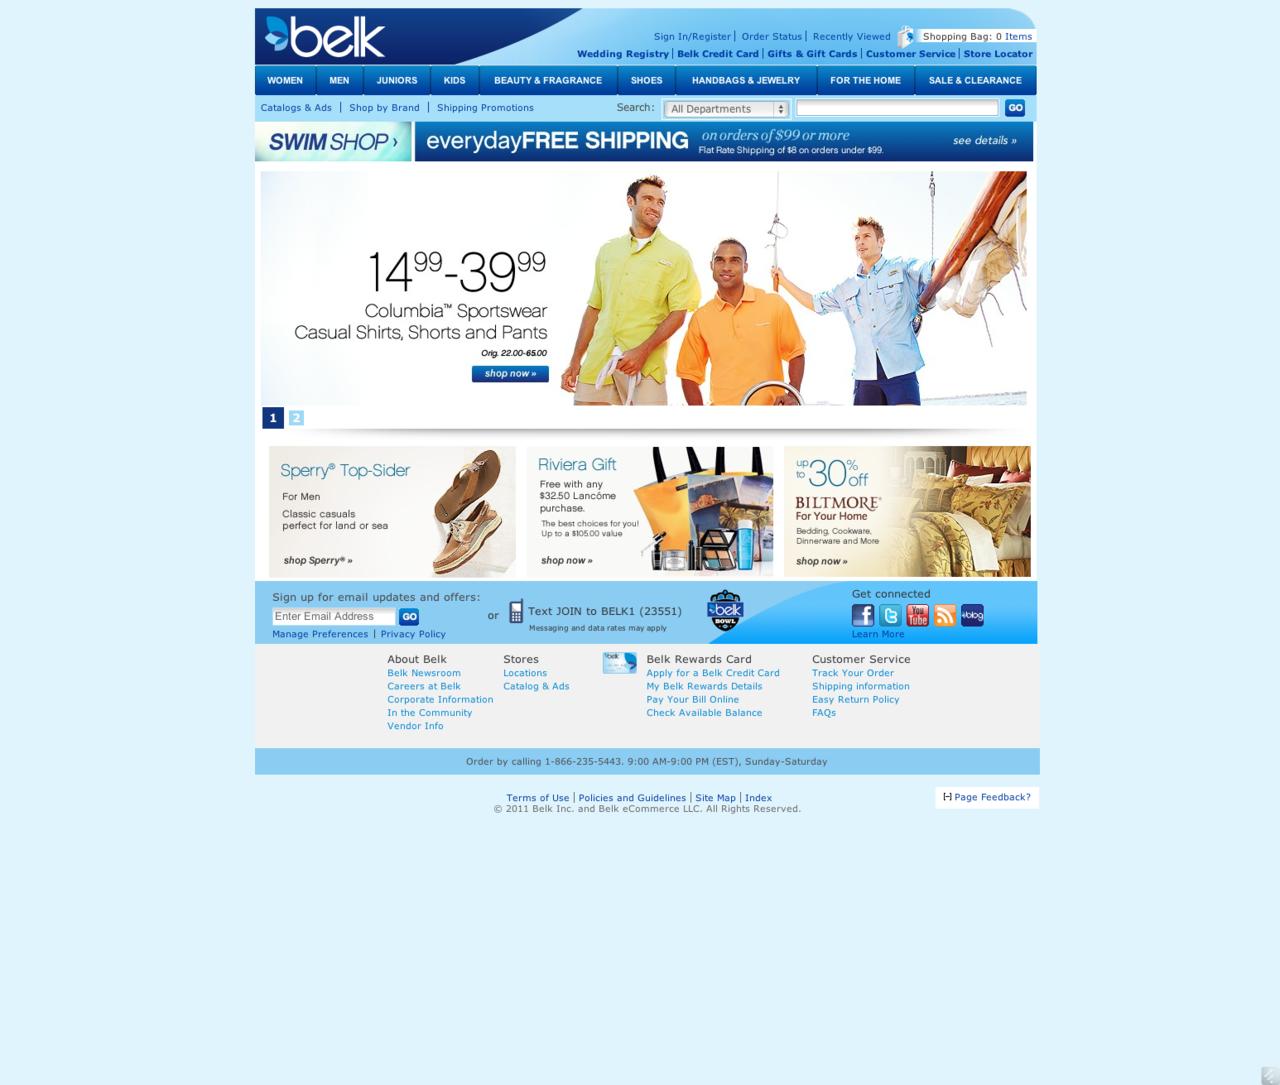 www.belk.com